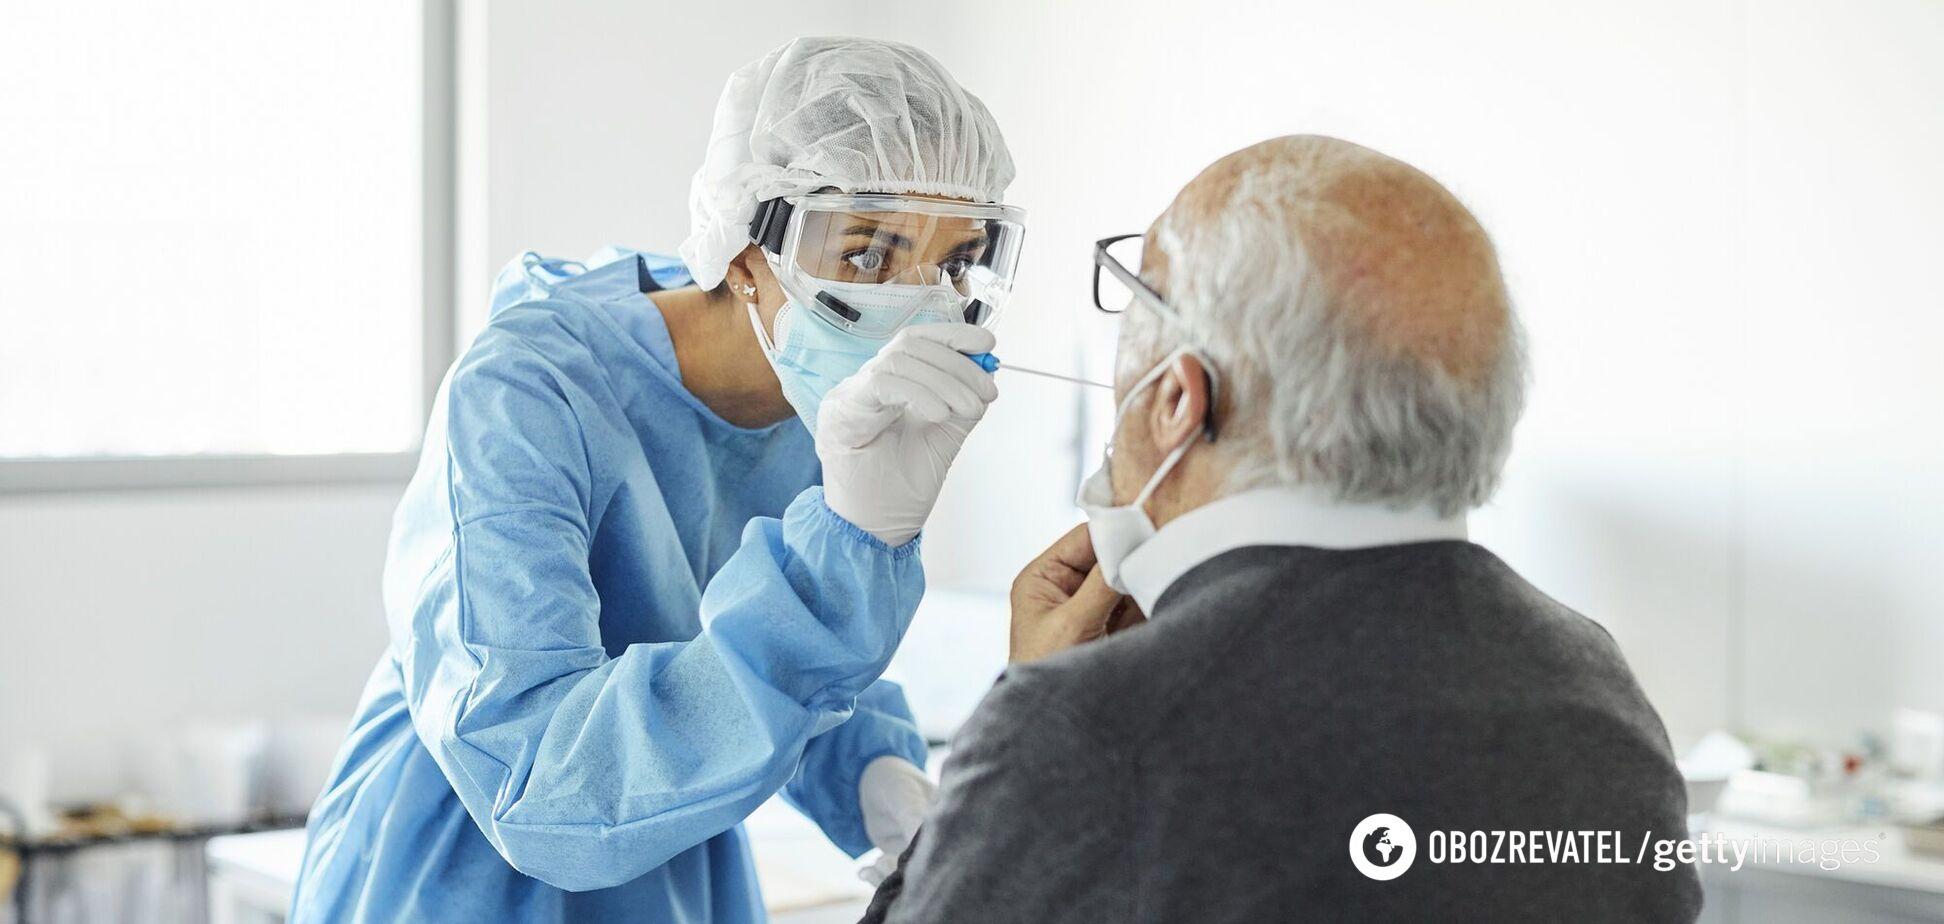 Врач назвала условие прекращения пандемии COVID-19: перейдет в обычную респираторную инфекцию